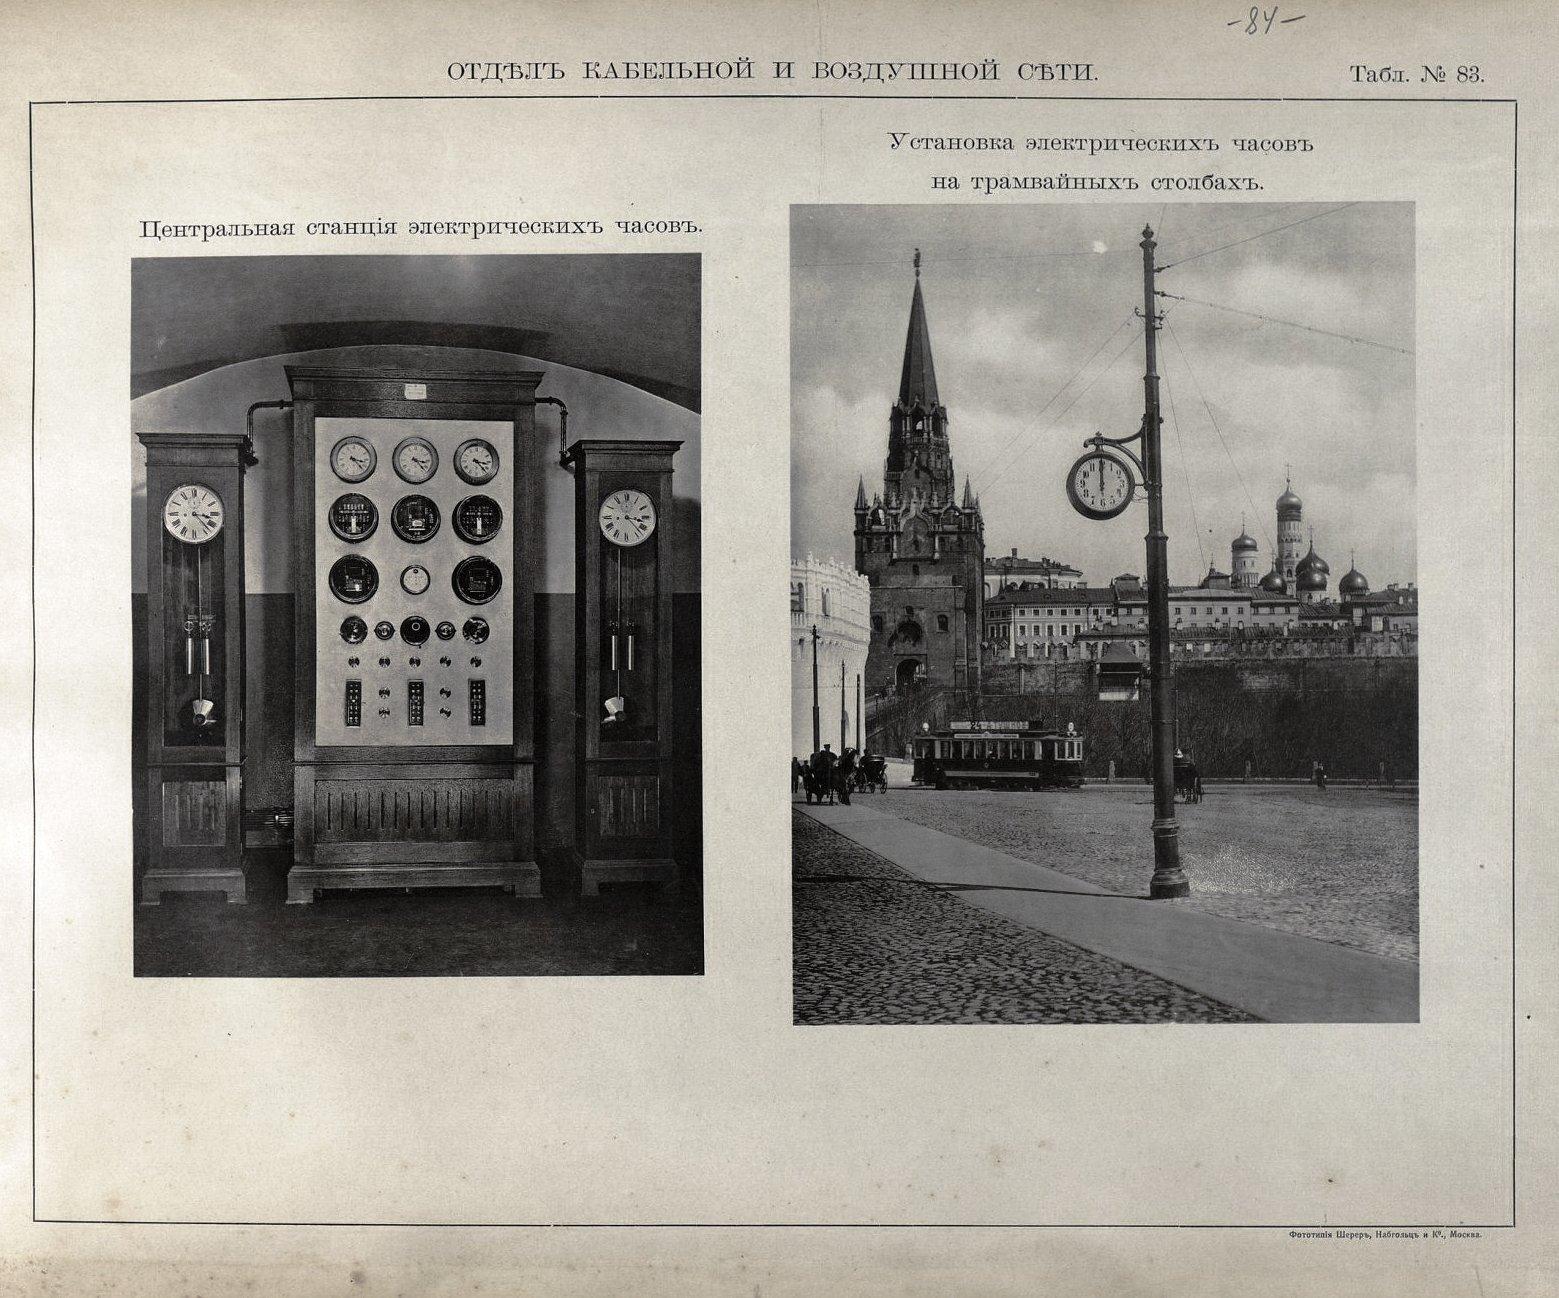 84. Центральная станция электрических часов, установка электрических часов на трамвайных столбах